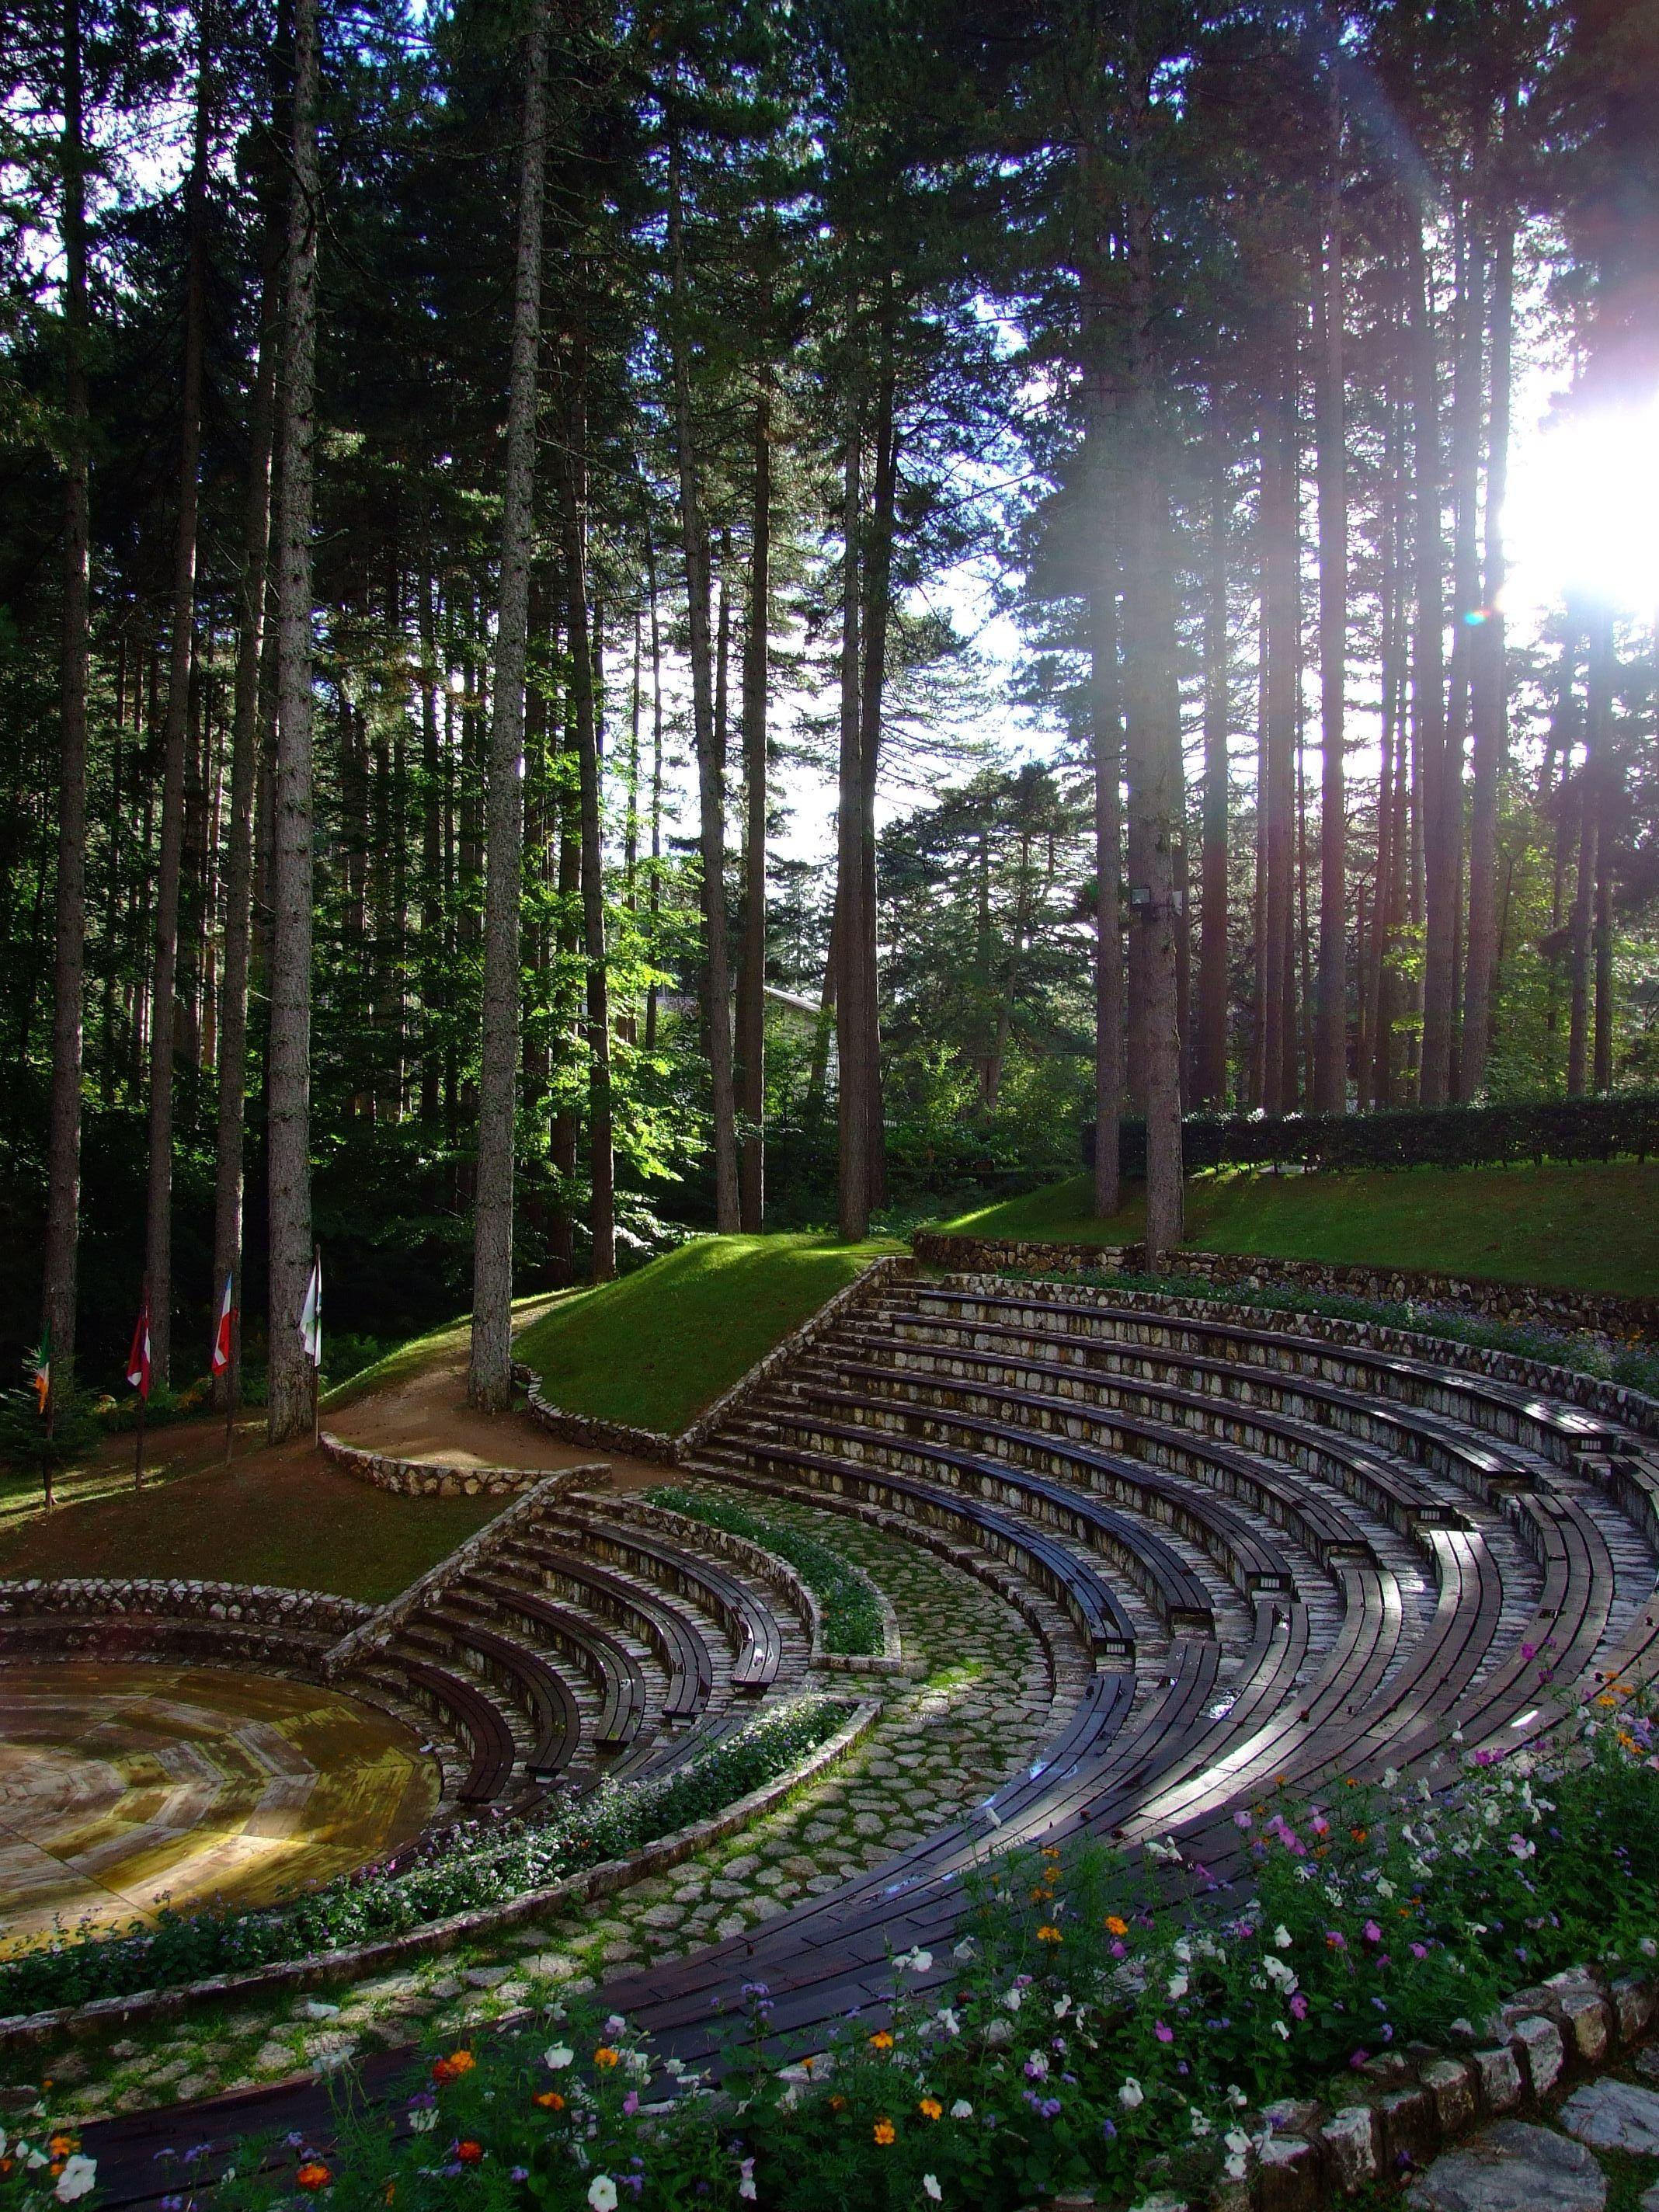 Open Theatre [Sila] calabria italy Landscape